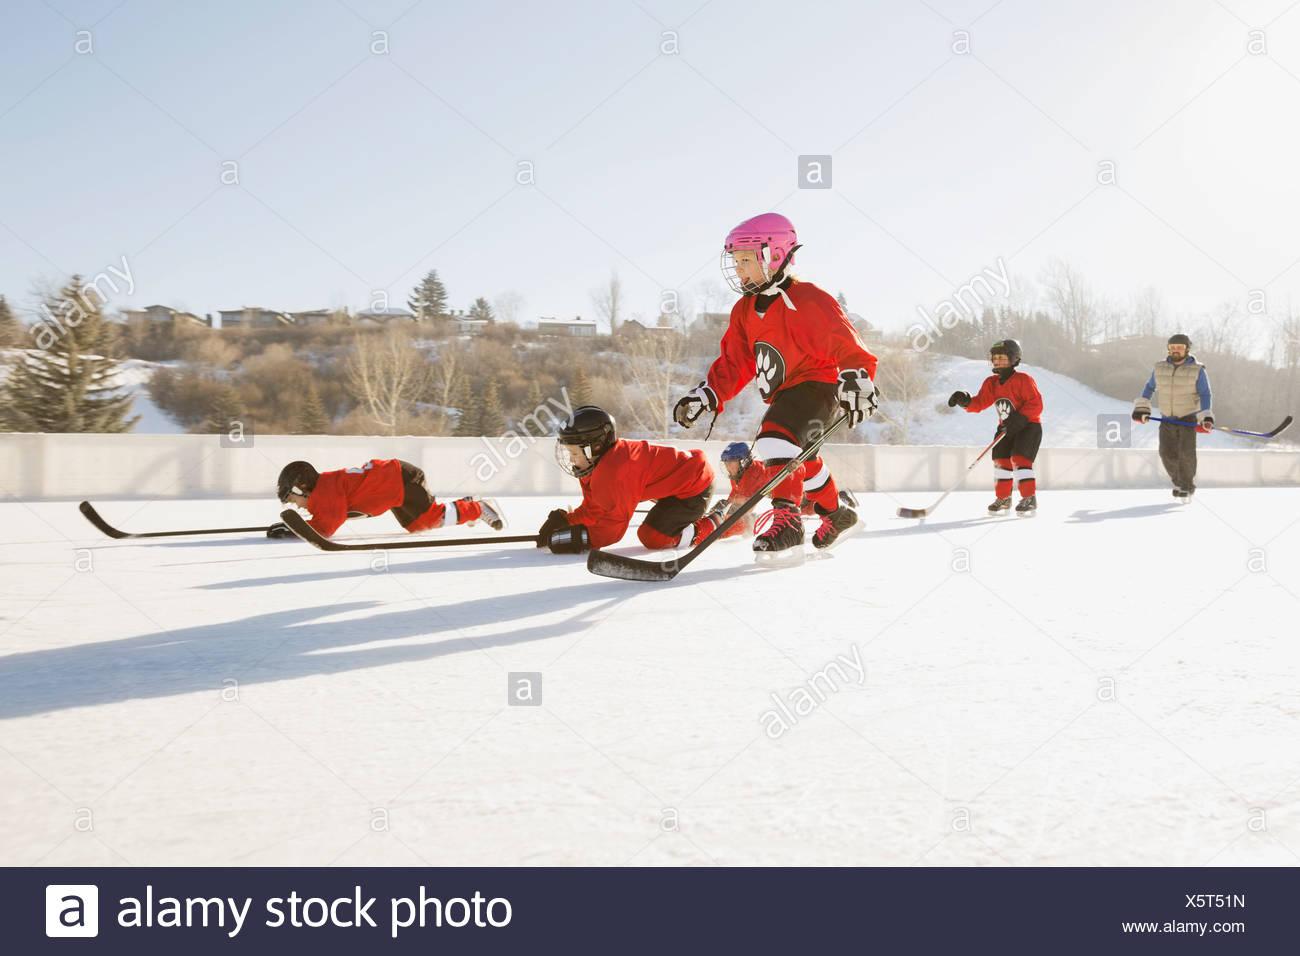 L'équipe de hockey sur glace d'effectuer des exercices de formation sur une patinoire extérieure Photo Stock